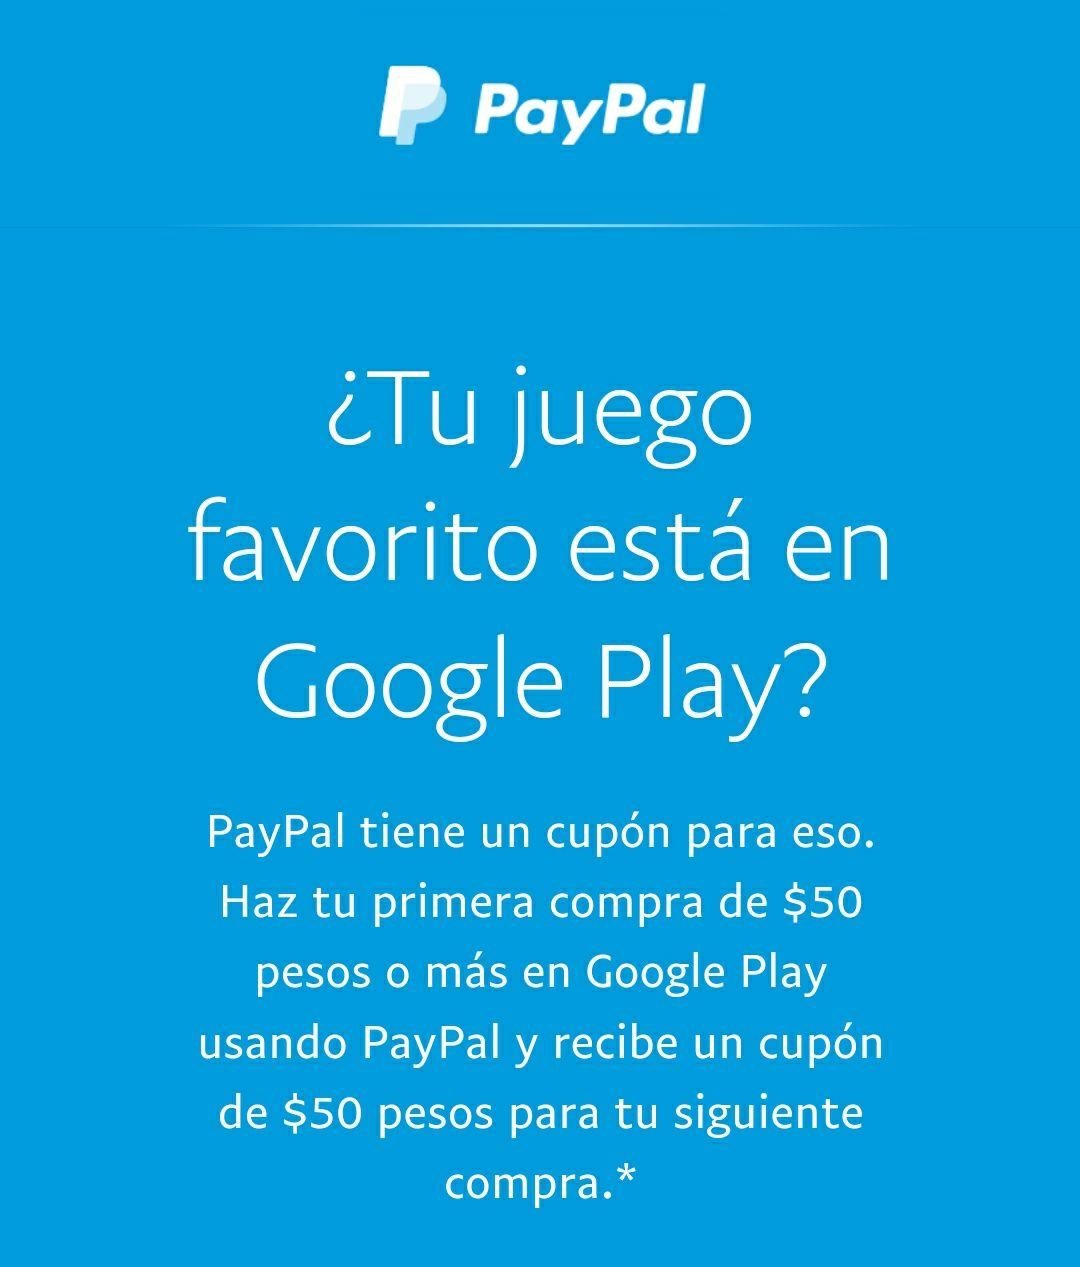 $50 pesos de regalo en la compra de $50 en Google Play usando PayPal nuevos usuarios